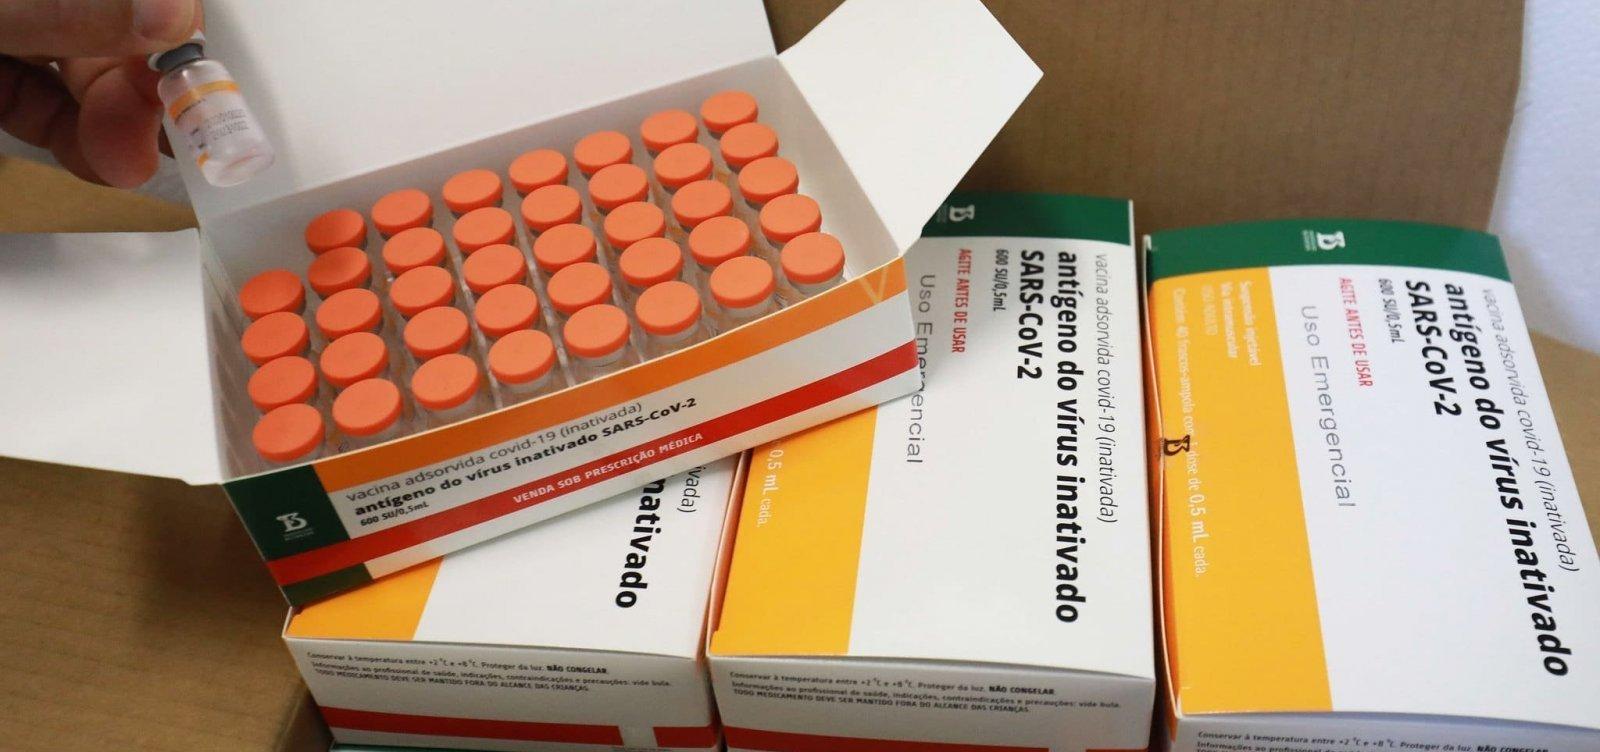 Governo federal solicita mais 30 milhões de doses da CoronaVac ao Instituto Butantan